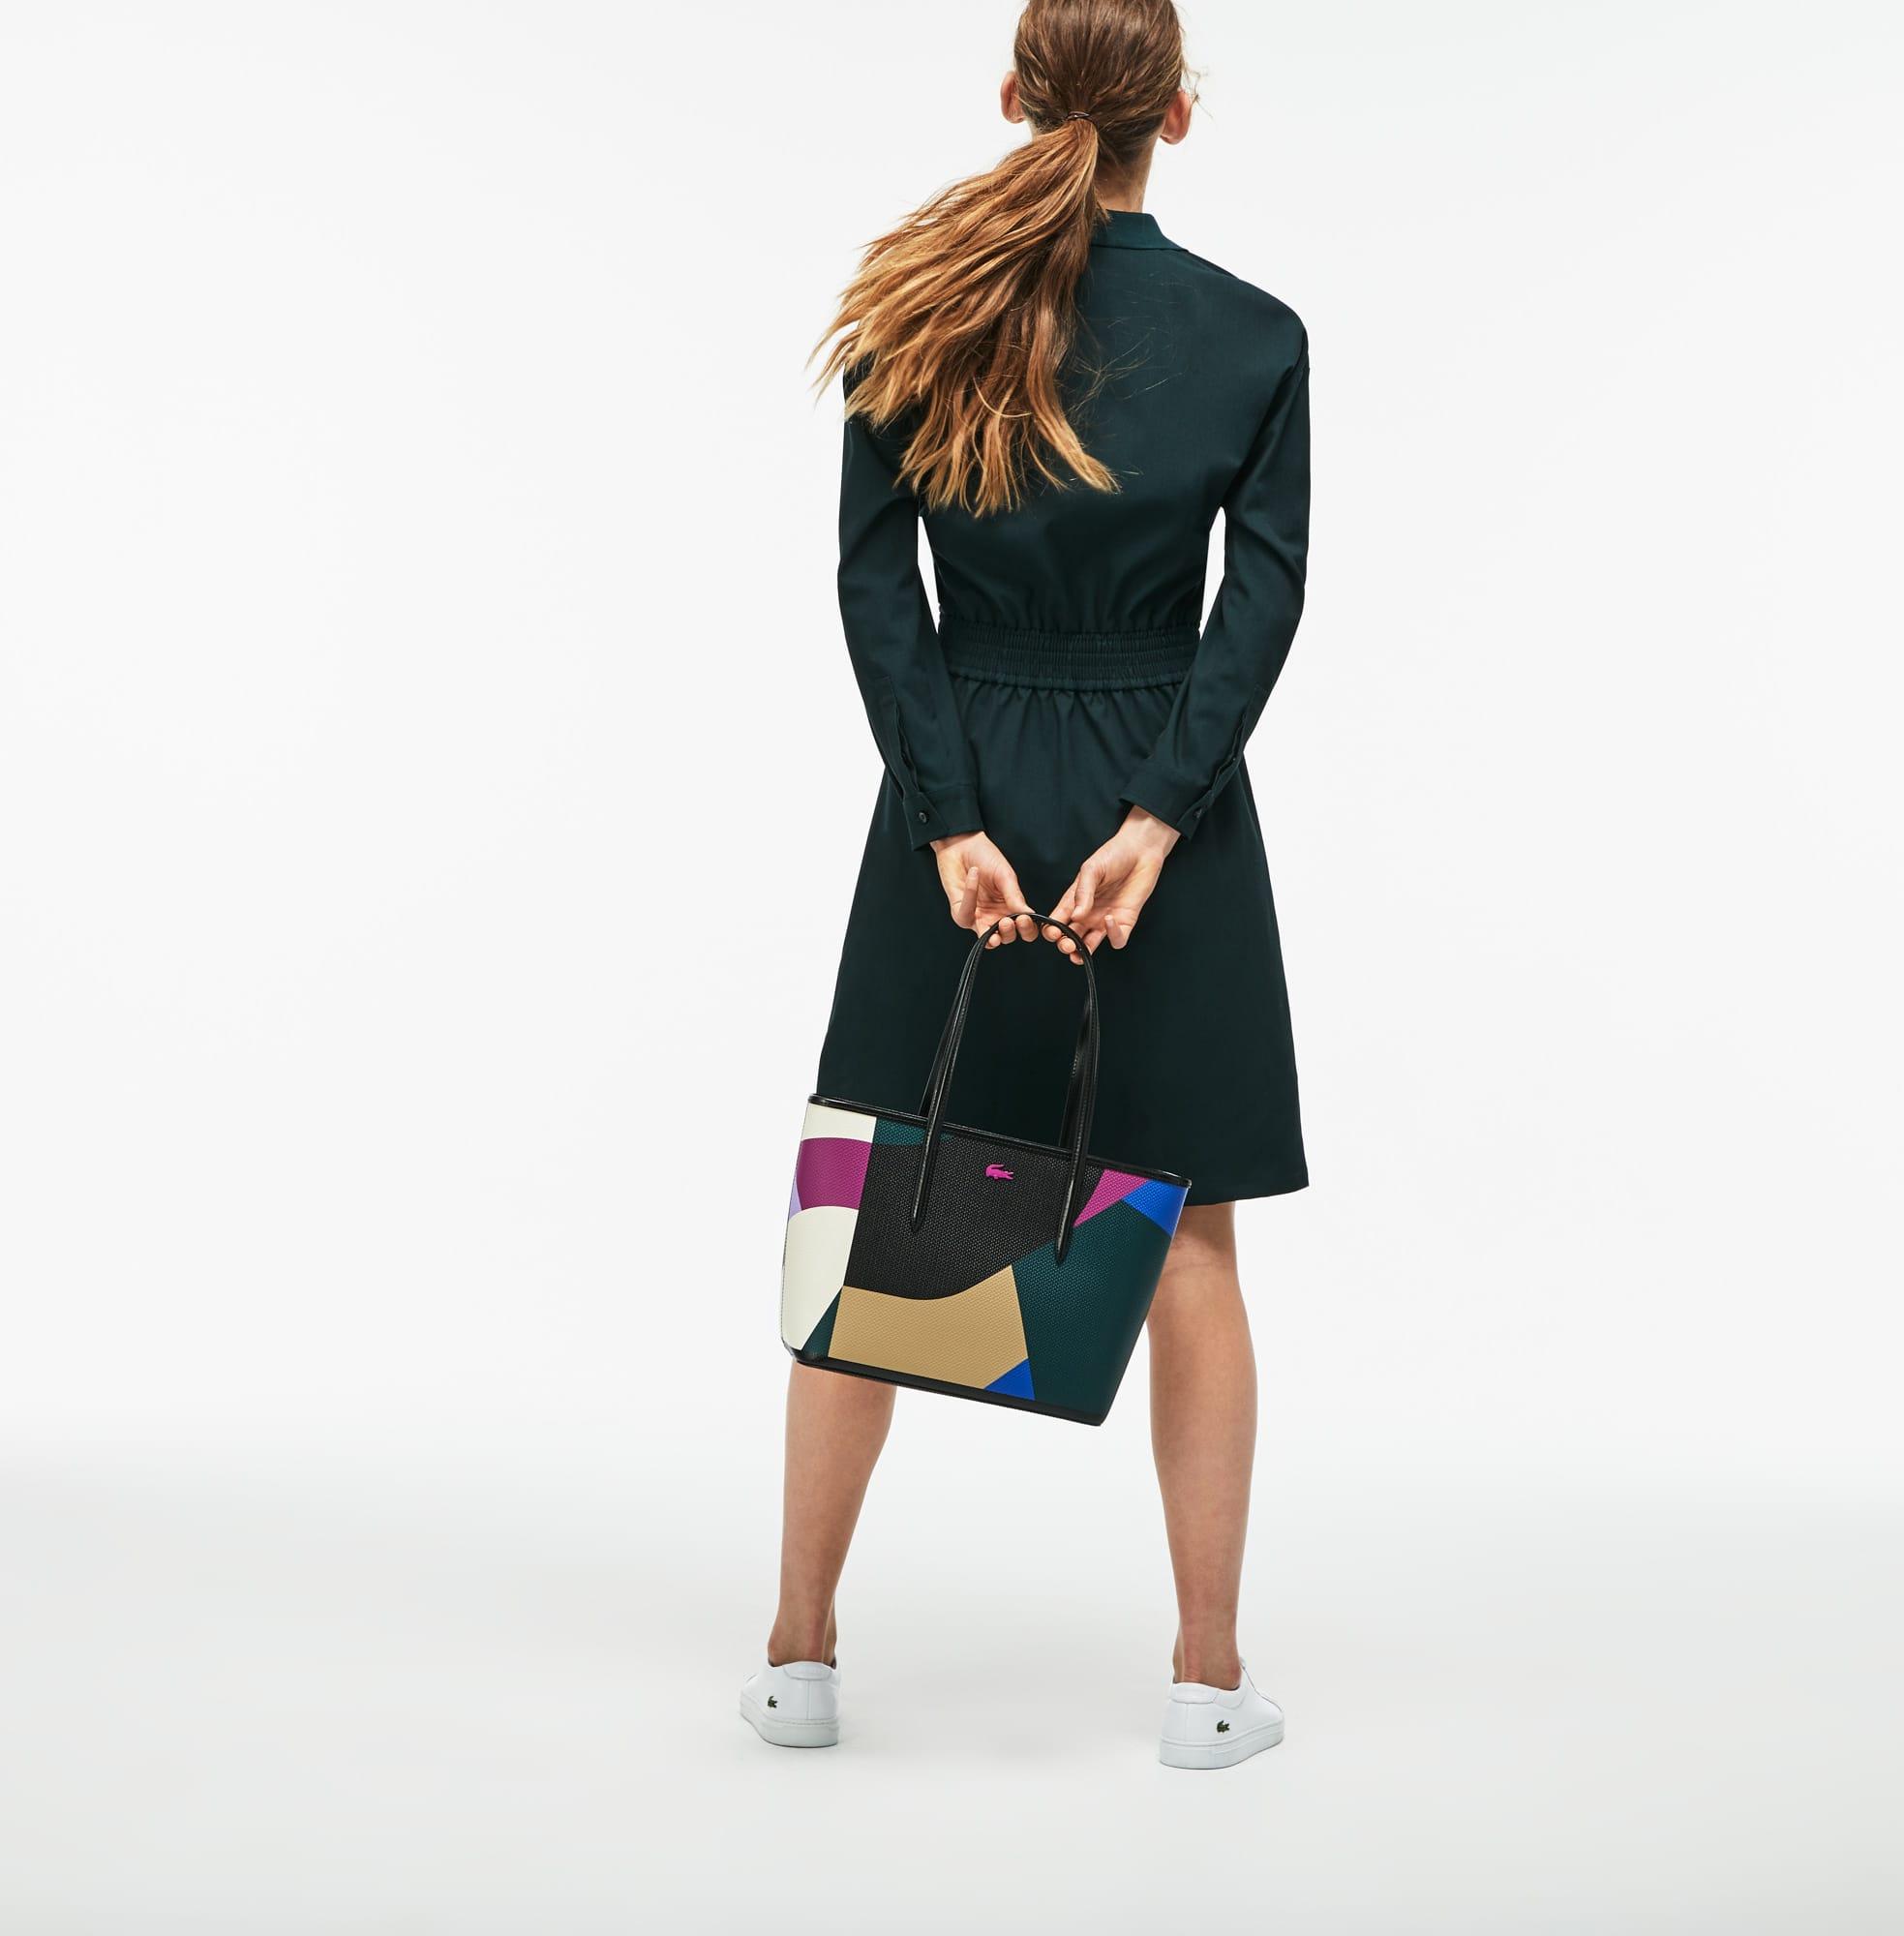 حقيبة صغيرة نسائية من الجلد بألوان متعددة ومزودة بسحّاب